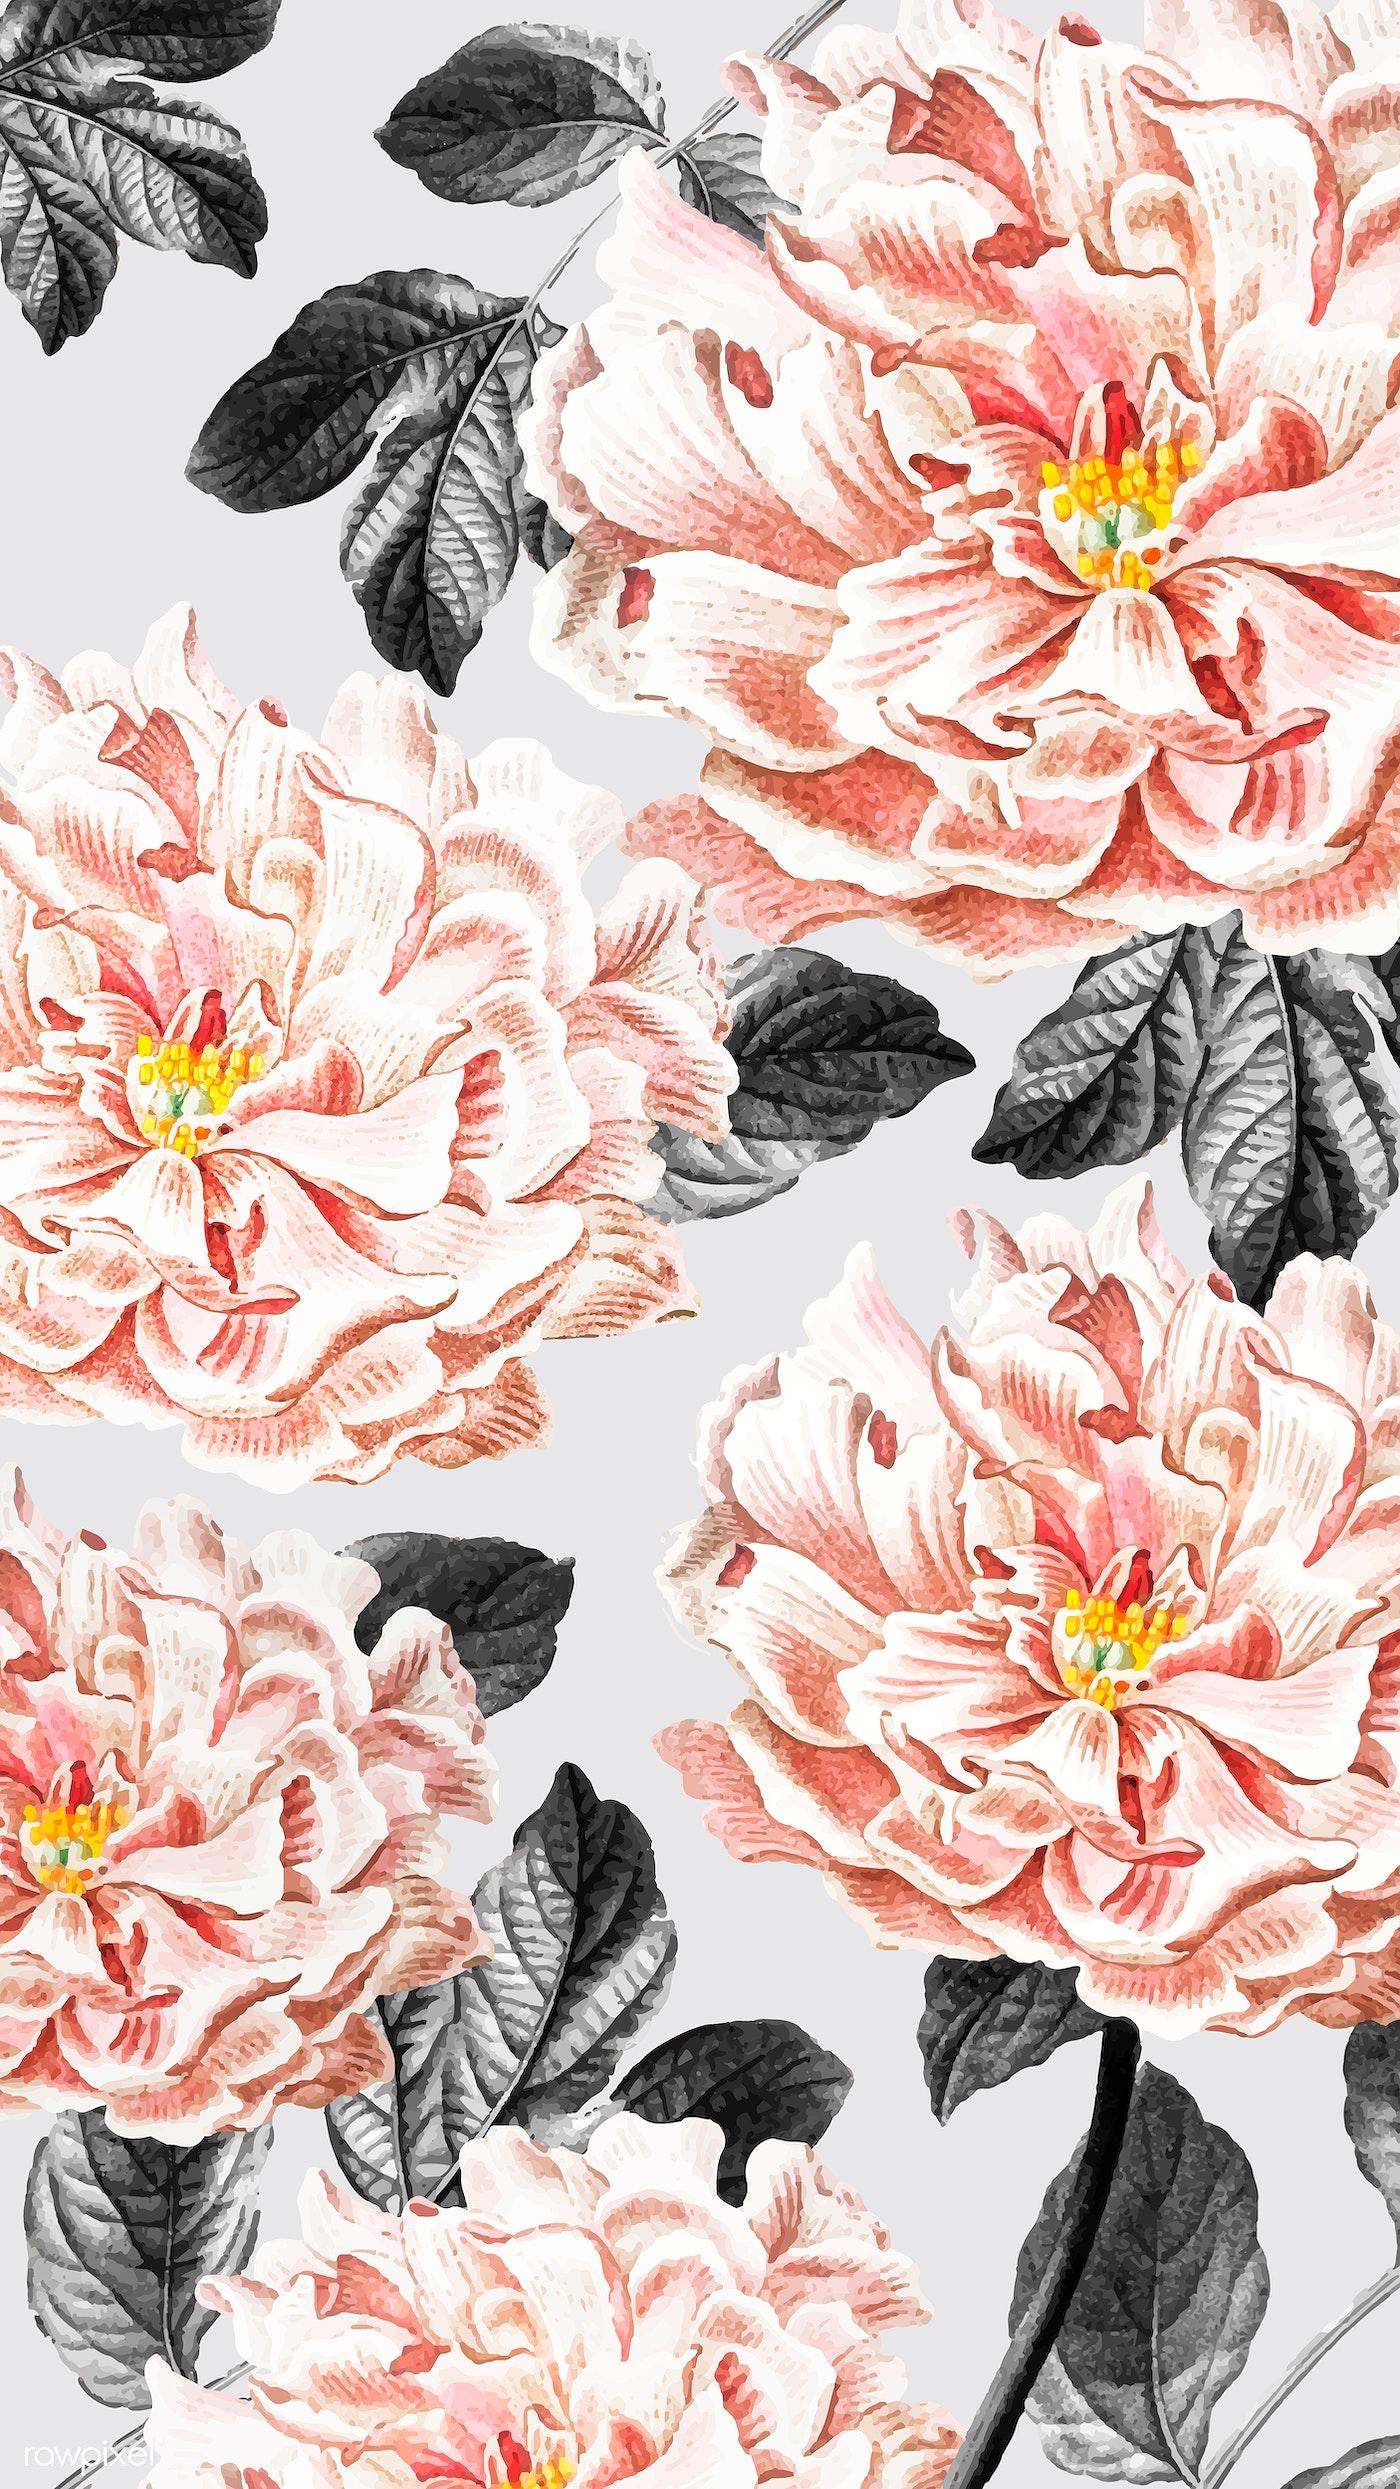 Elegant Floral Illustration Mobile Wallpaper Royalty Free Vector